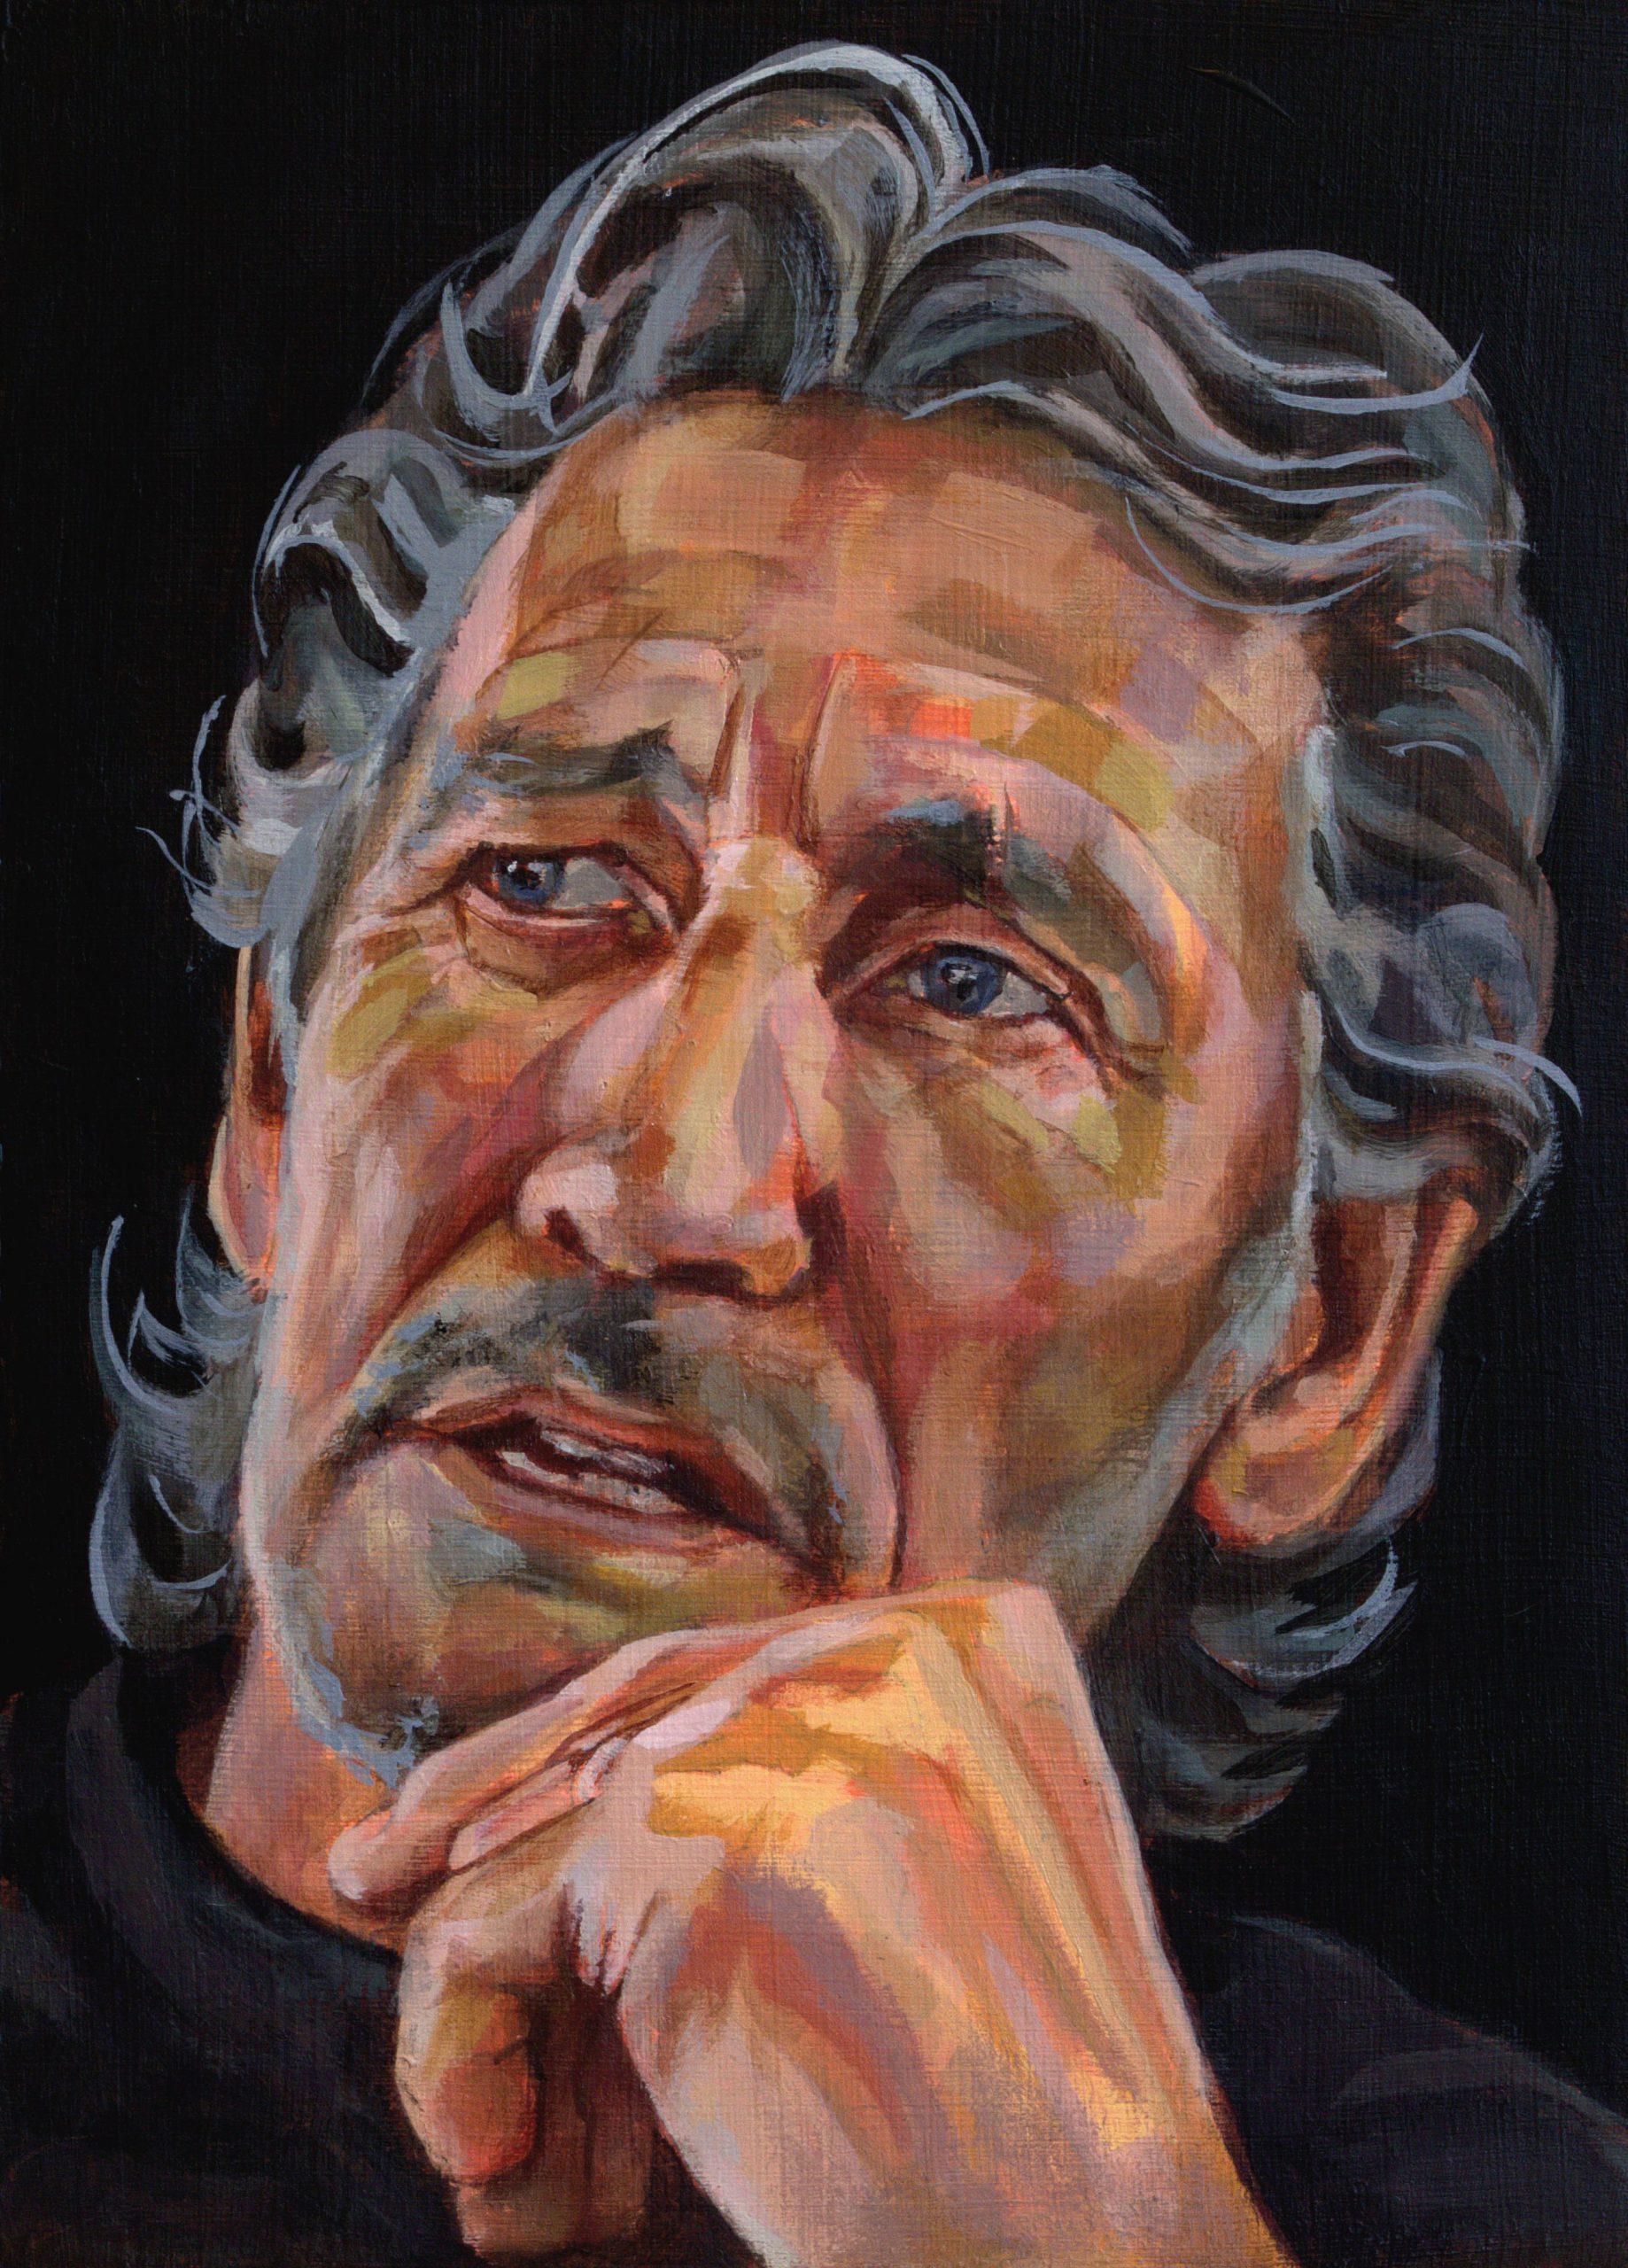 portretschilderij roger waters